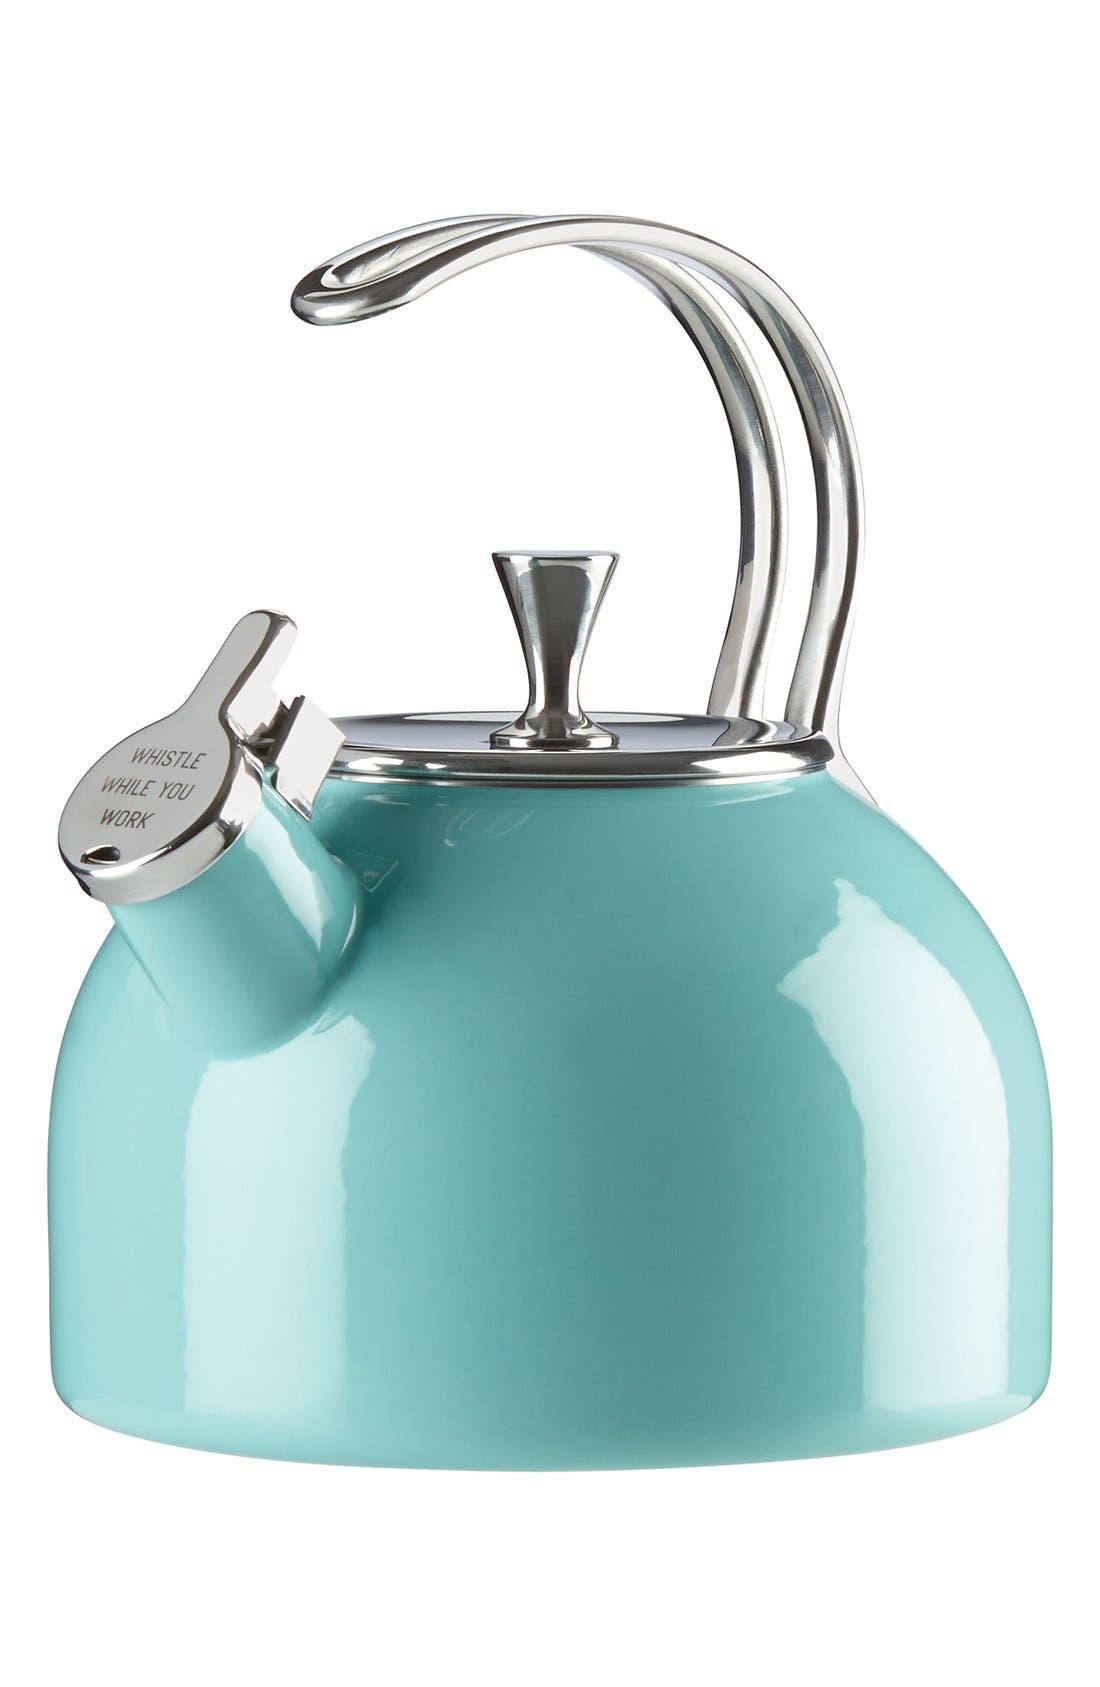 Alternate Image 1 Selected - kate spade new york 'all in good taste' tea kettle